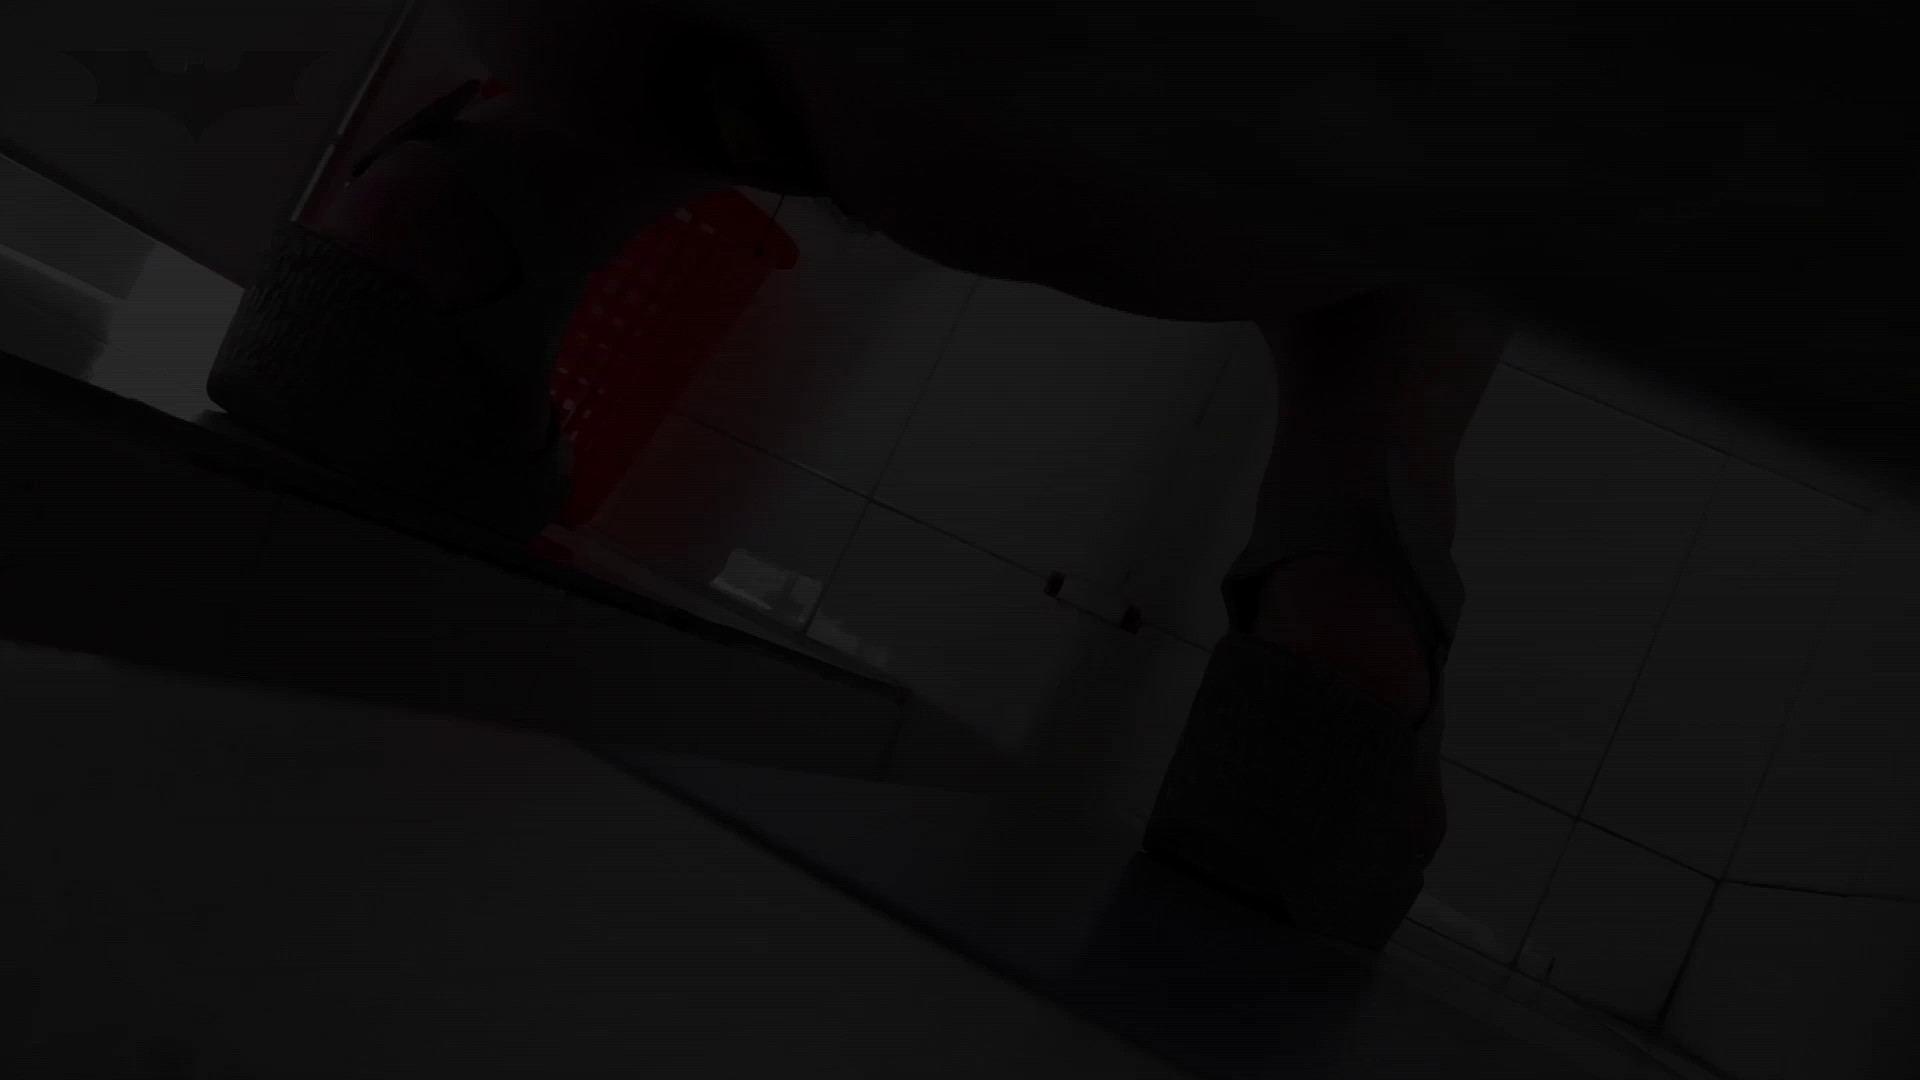 下からノゾム vol.027 毛穴まで見えるようになった 洗面所 ヌード画像 97画像 46